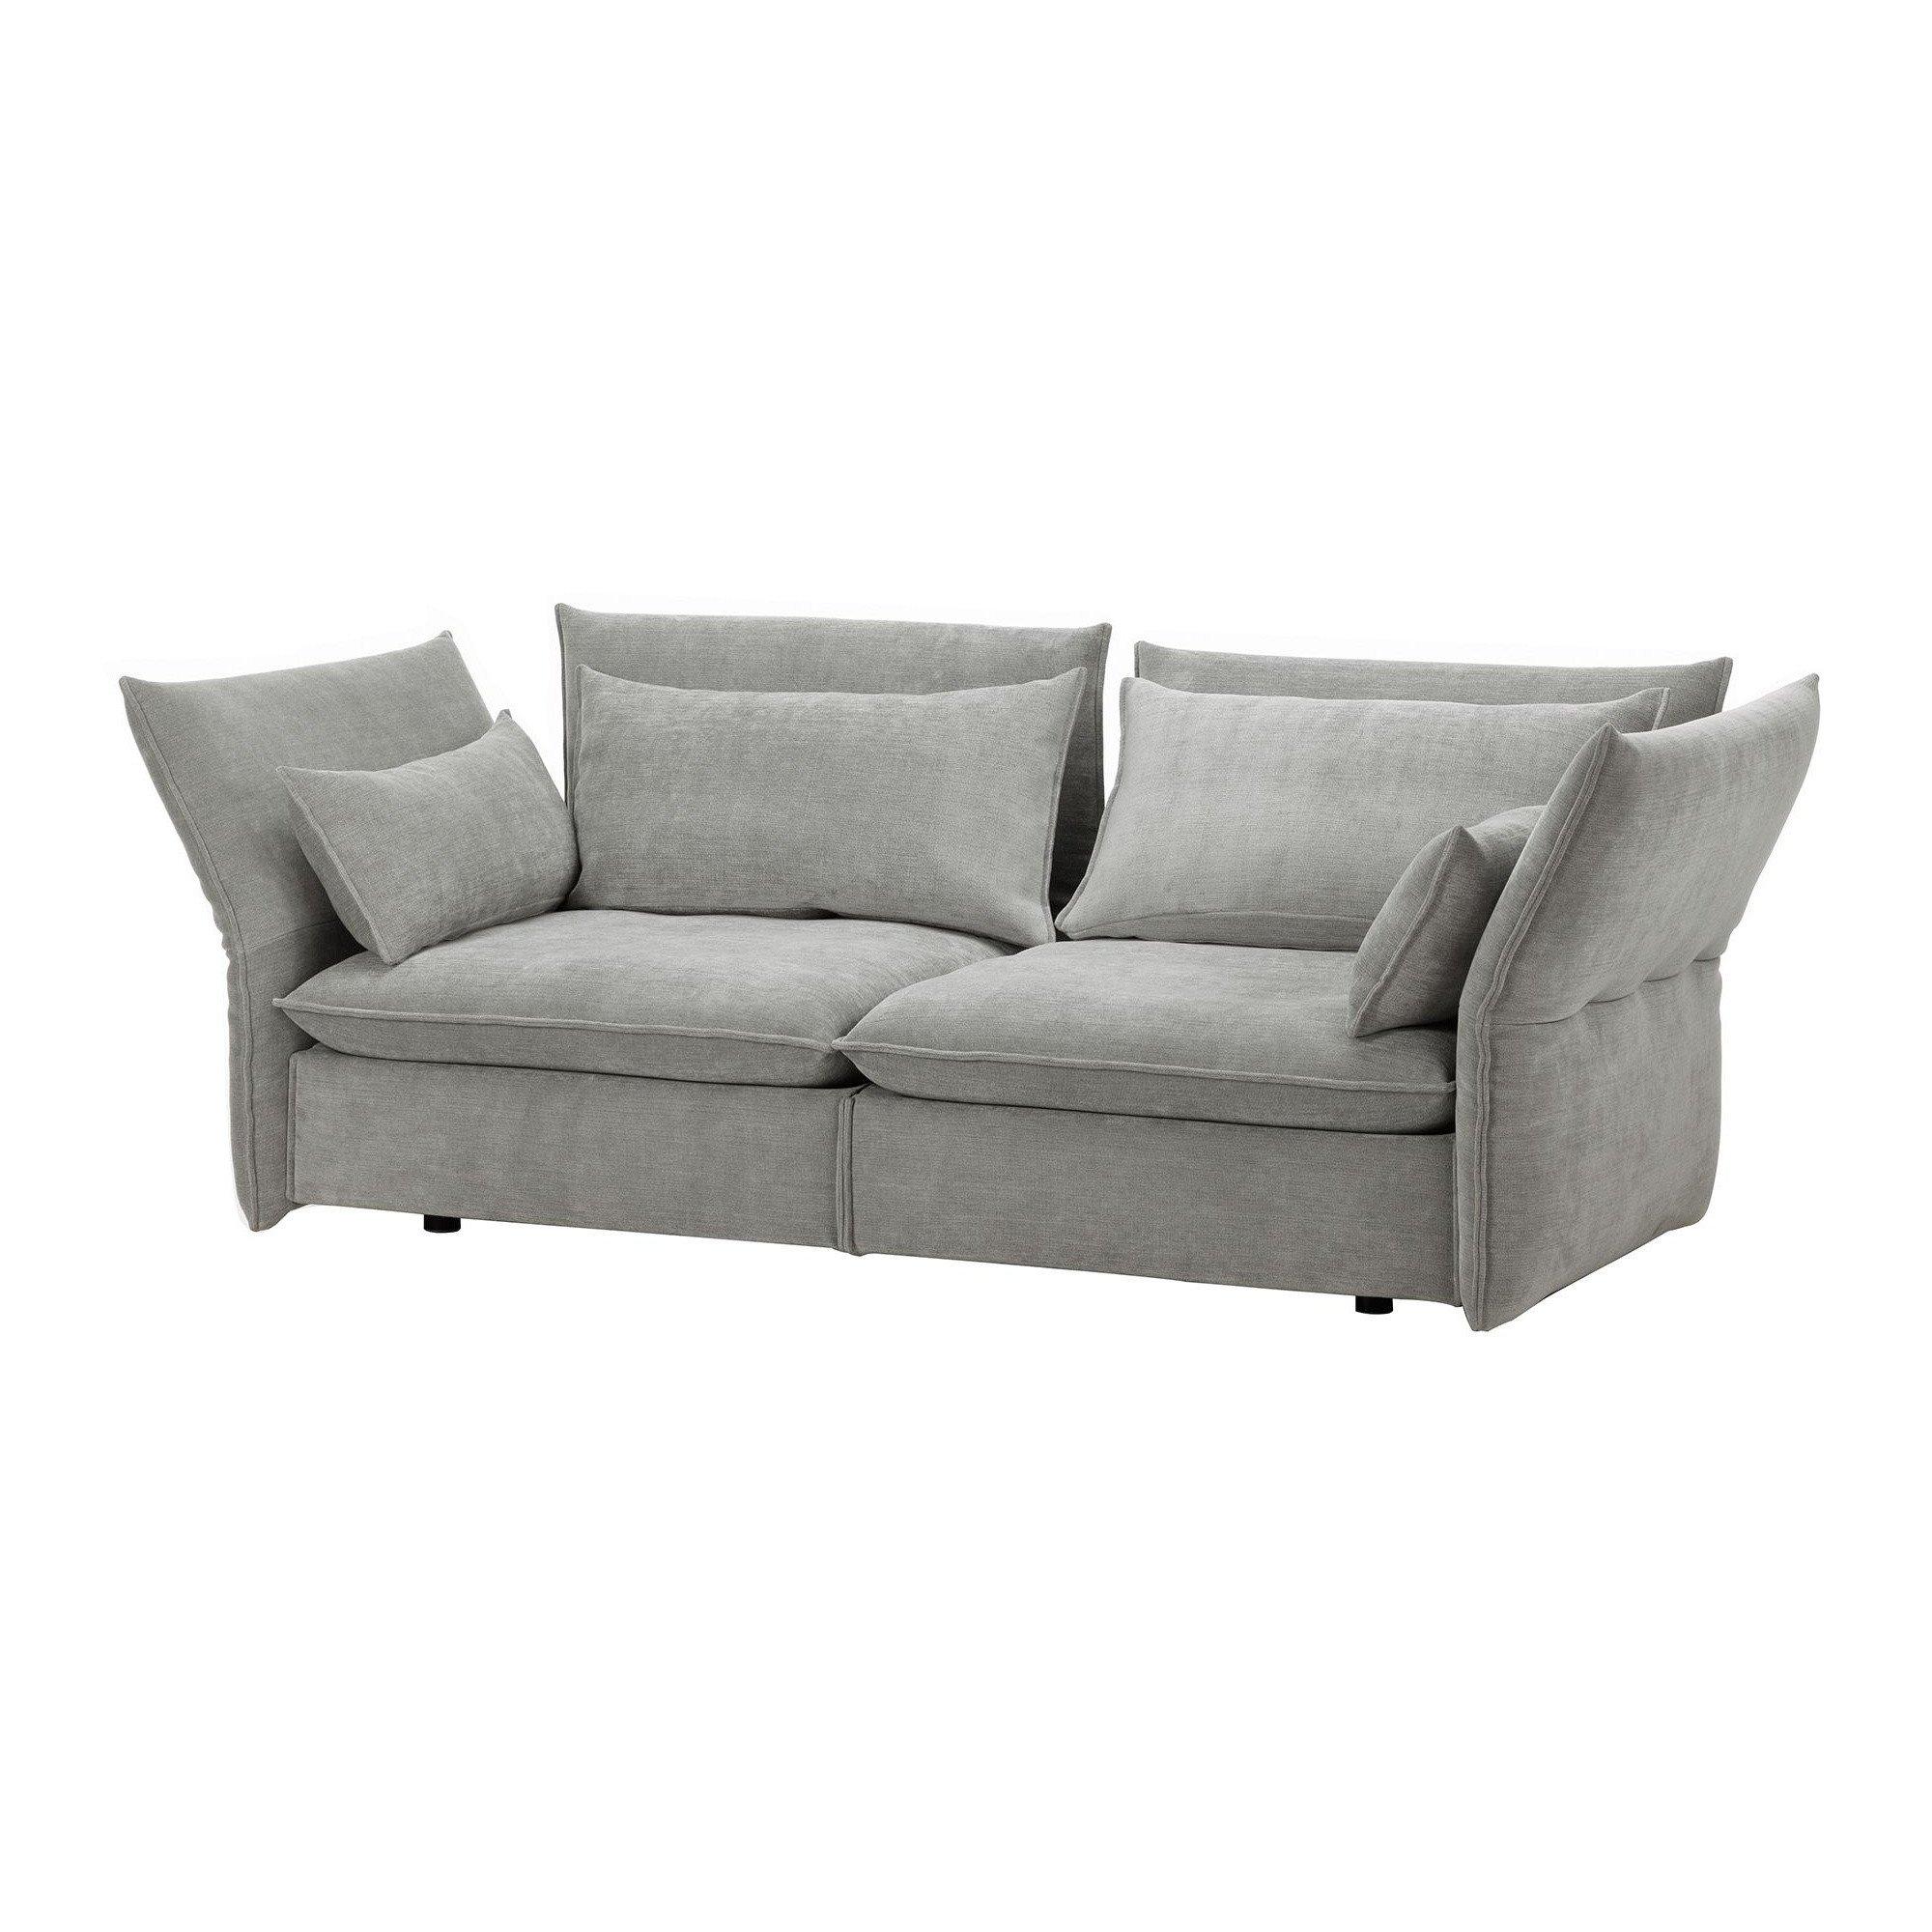 Mariposa 2 5 Sitzer Sofa Vitra